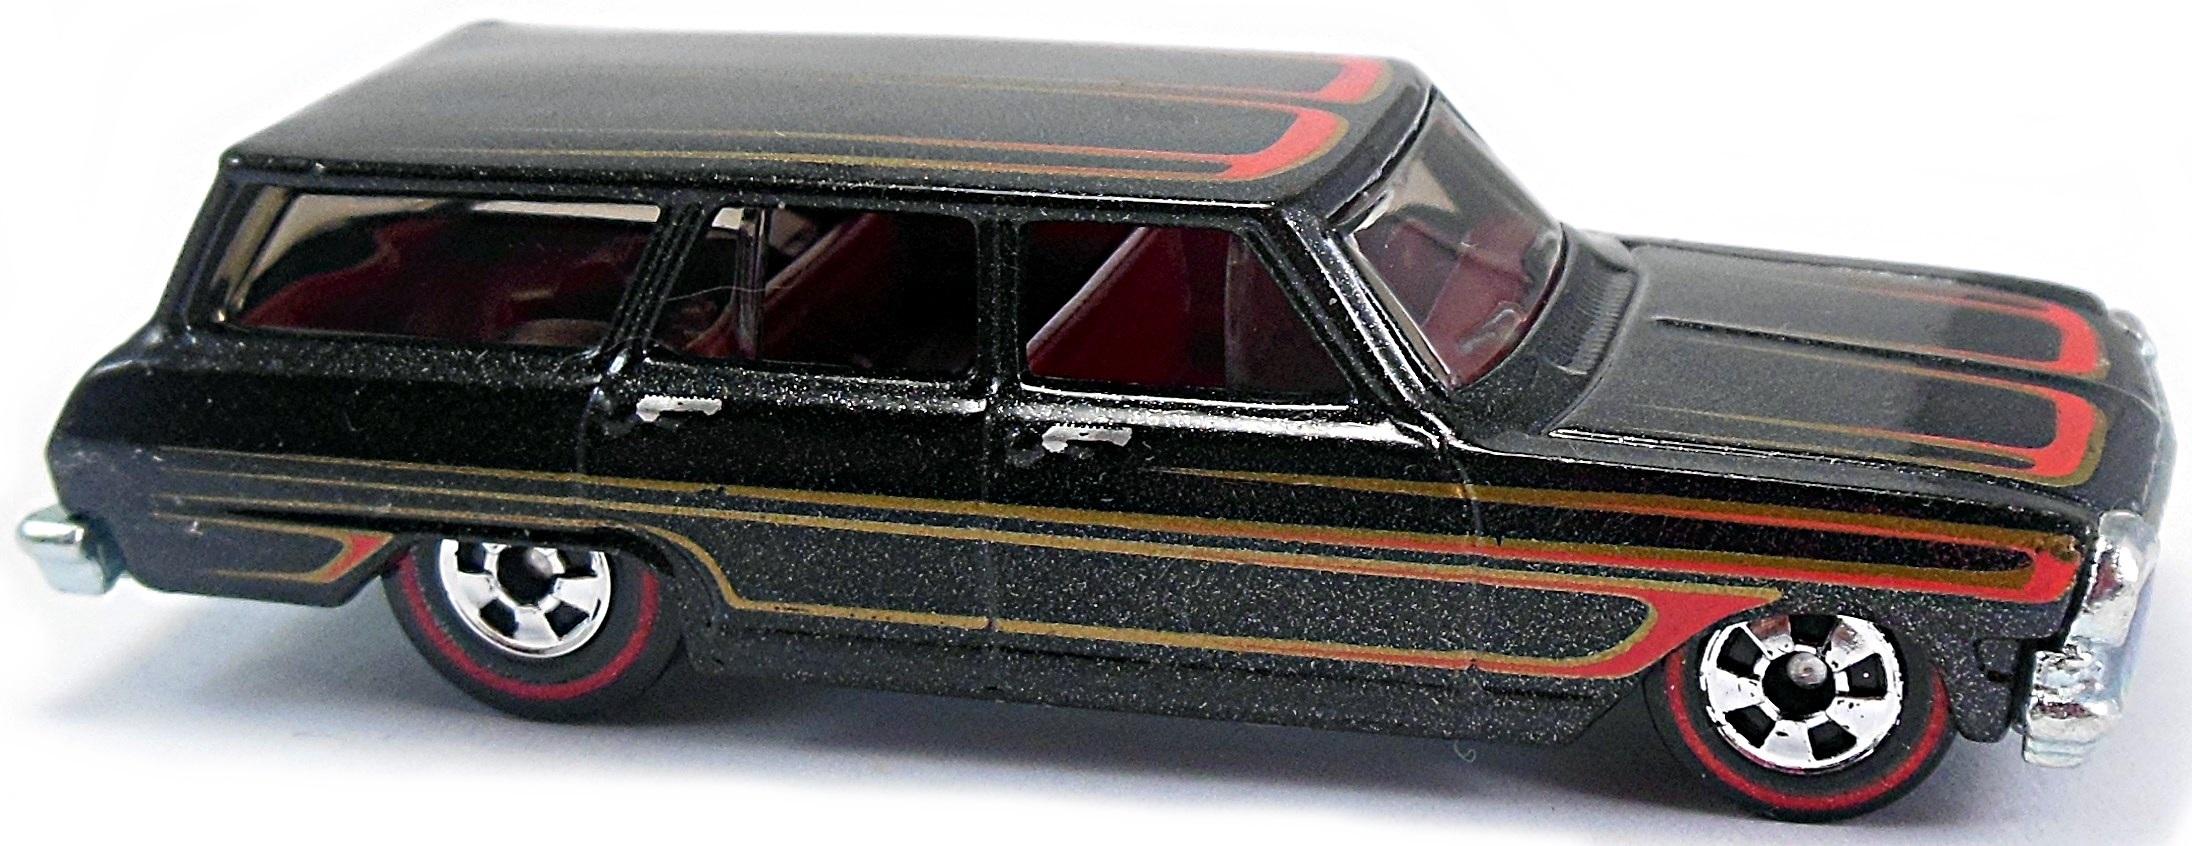 All Chevy 64 chevy nova 64 Chevy Nova Station Wagon - 75mm - 2013 | Hot Wheels Newsletter